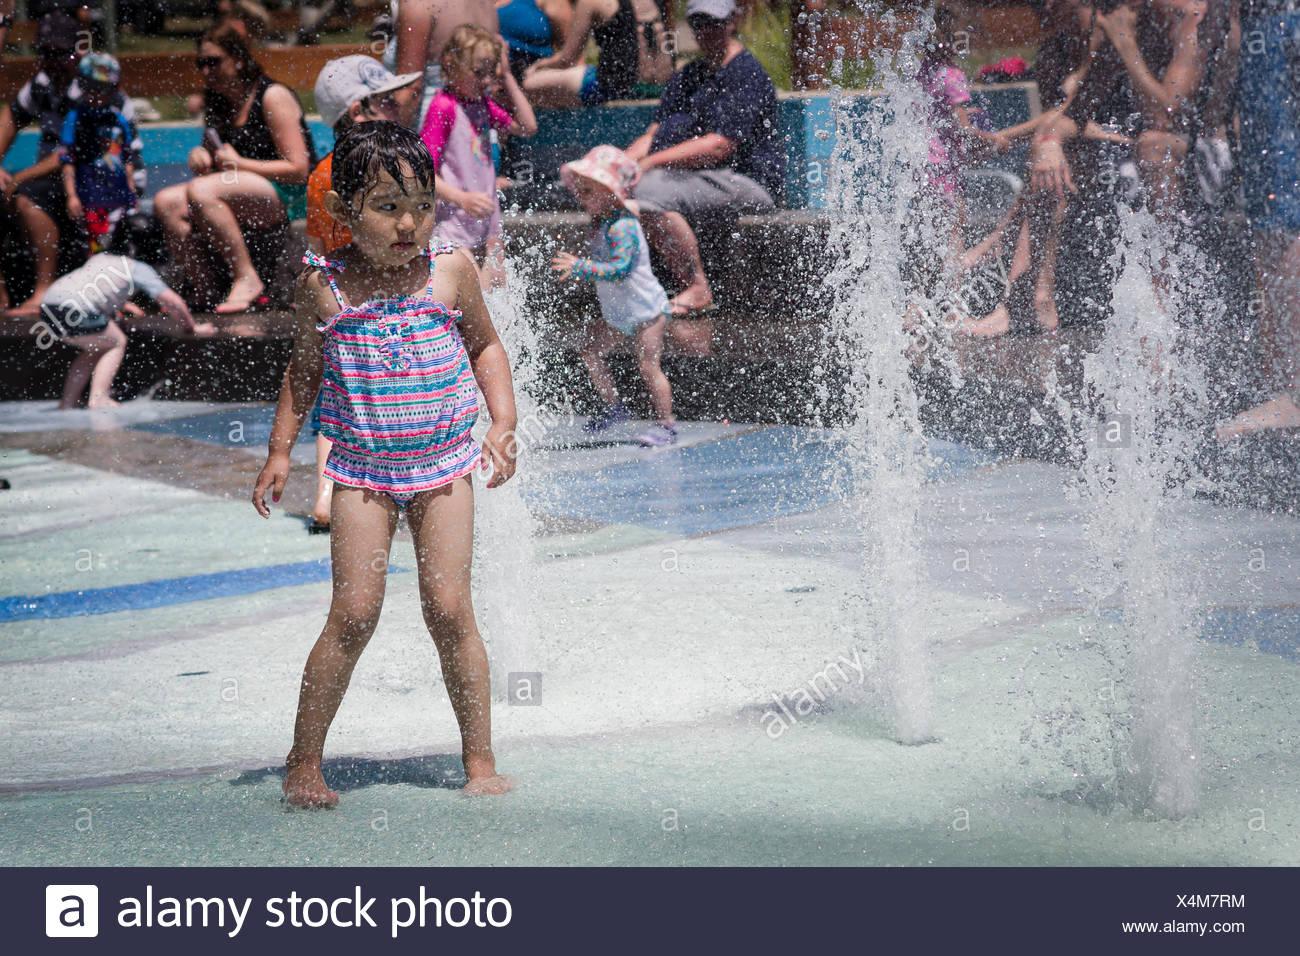 Barefoot girl acercando fuente en verano, la gente en segundo plano. Imagen De Stock